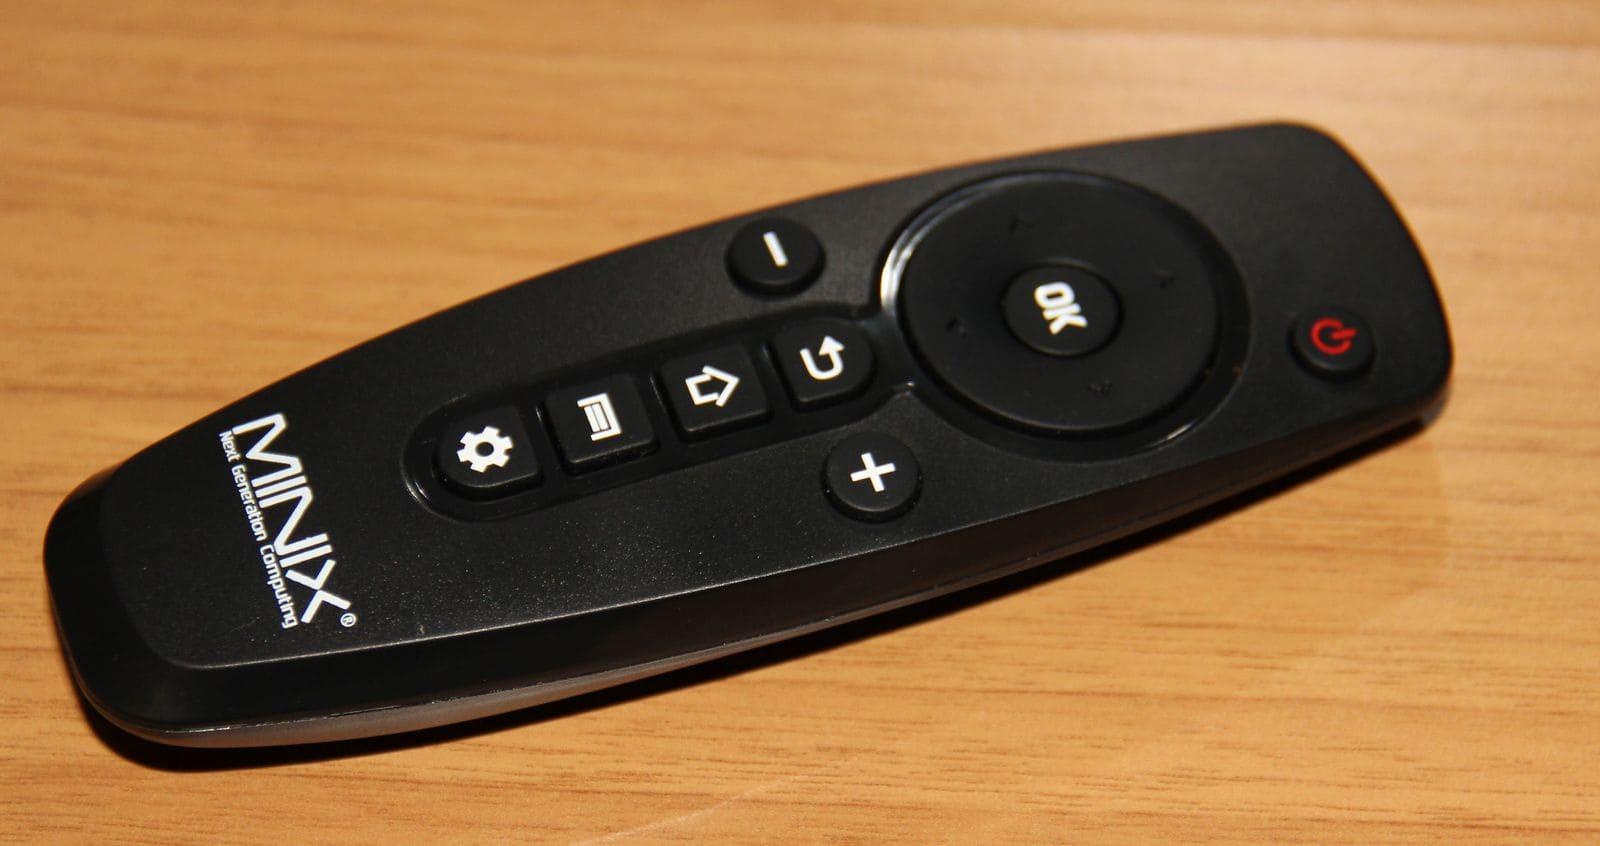 Minix Neo X8 Plus (20)